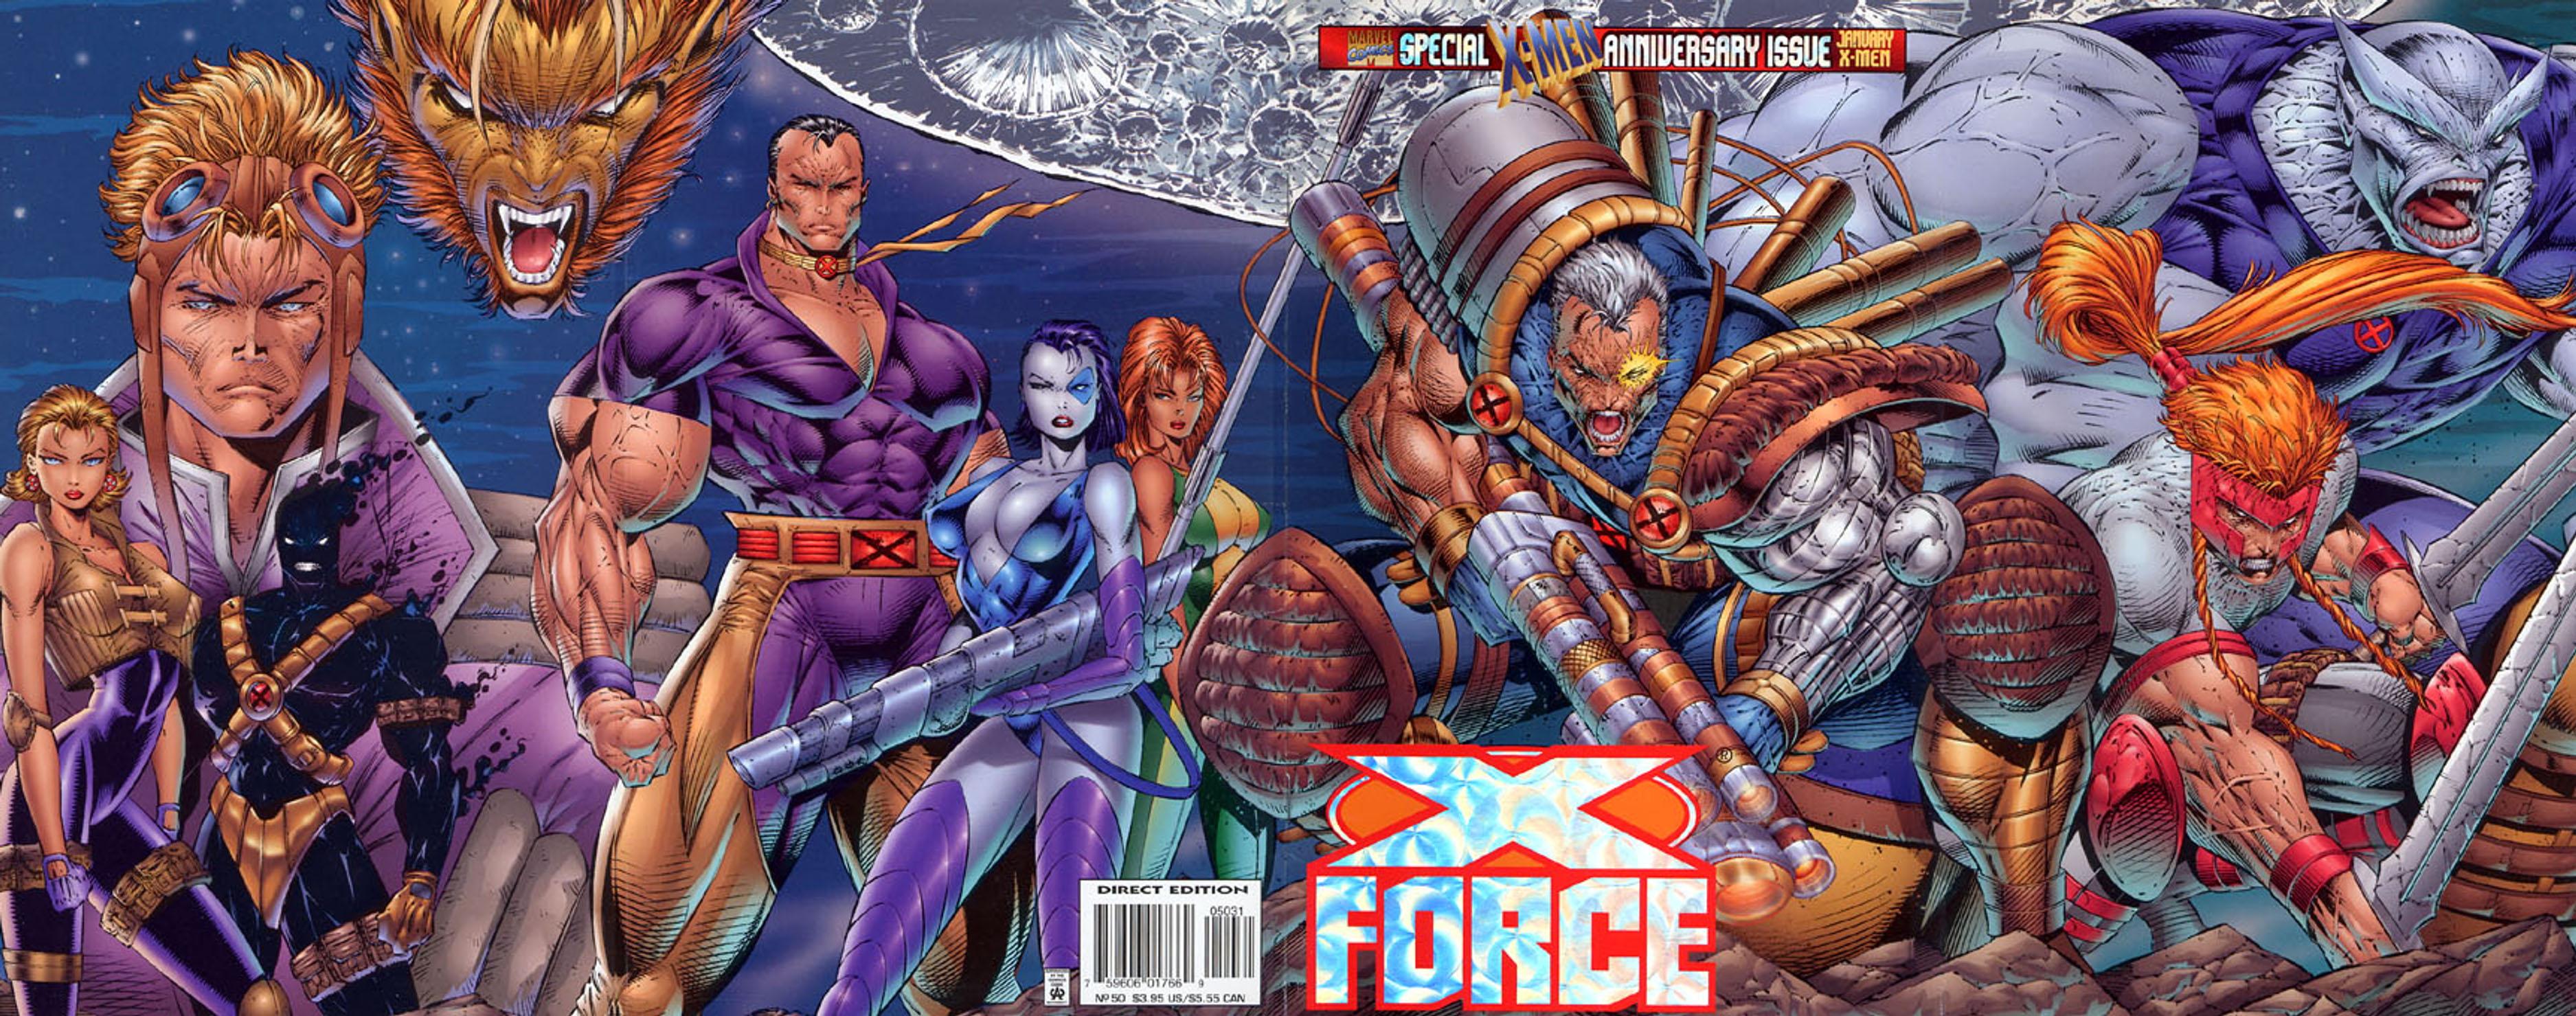 Les comics : films, kiosque, papier... - Page 2 X-force